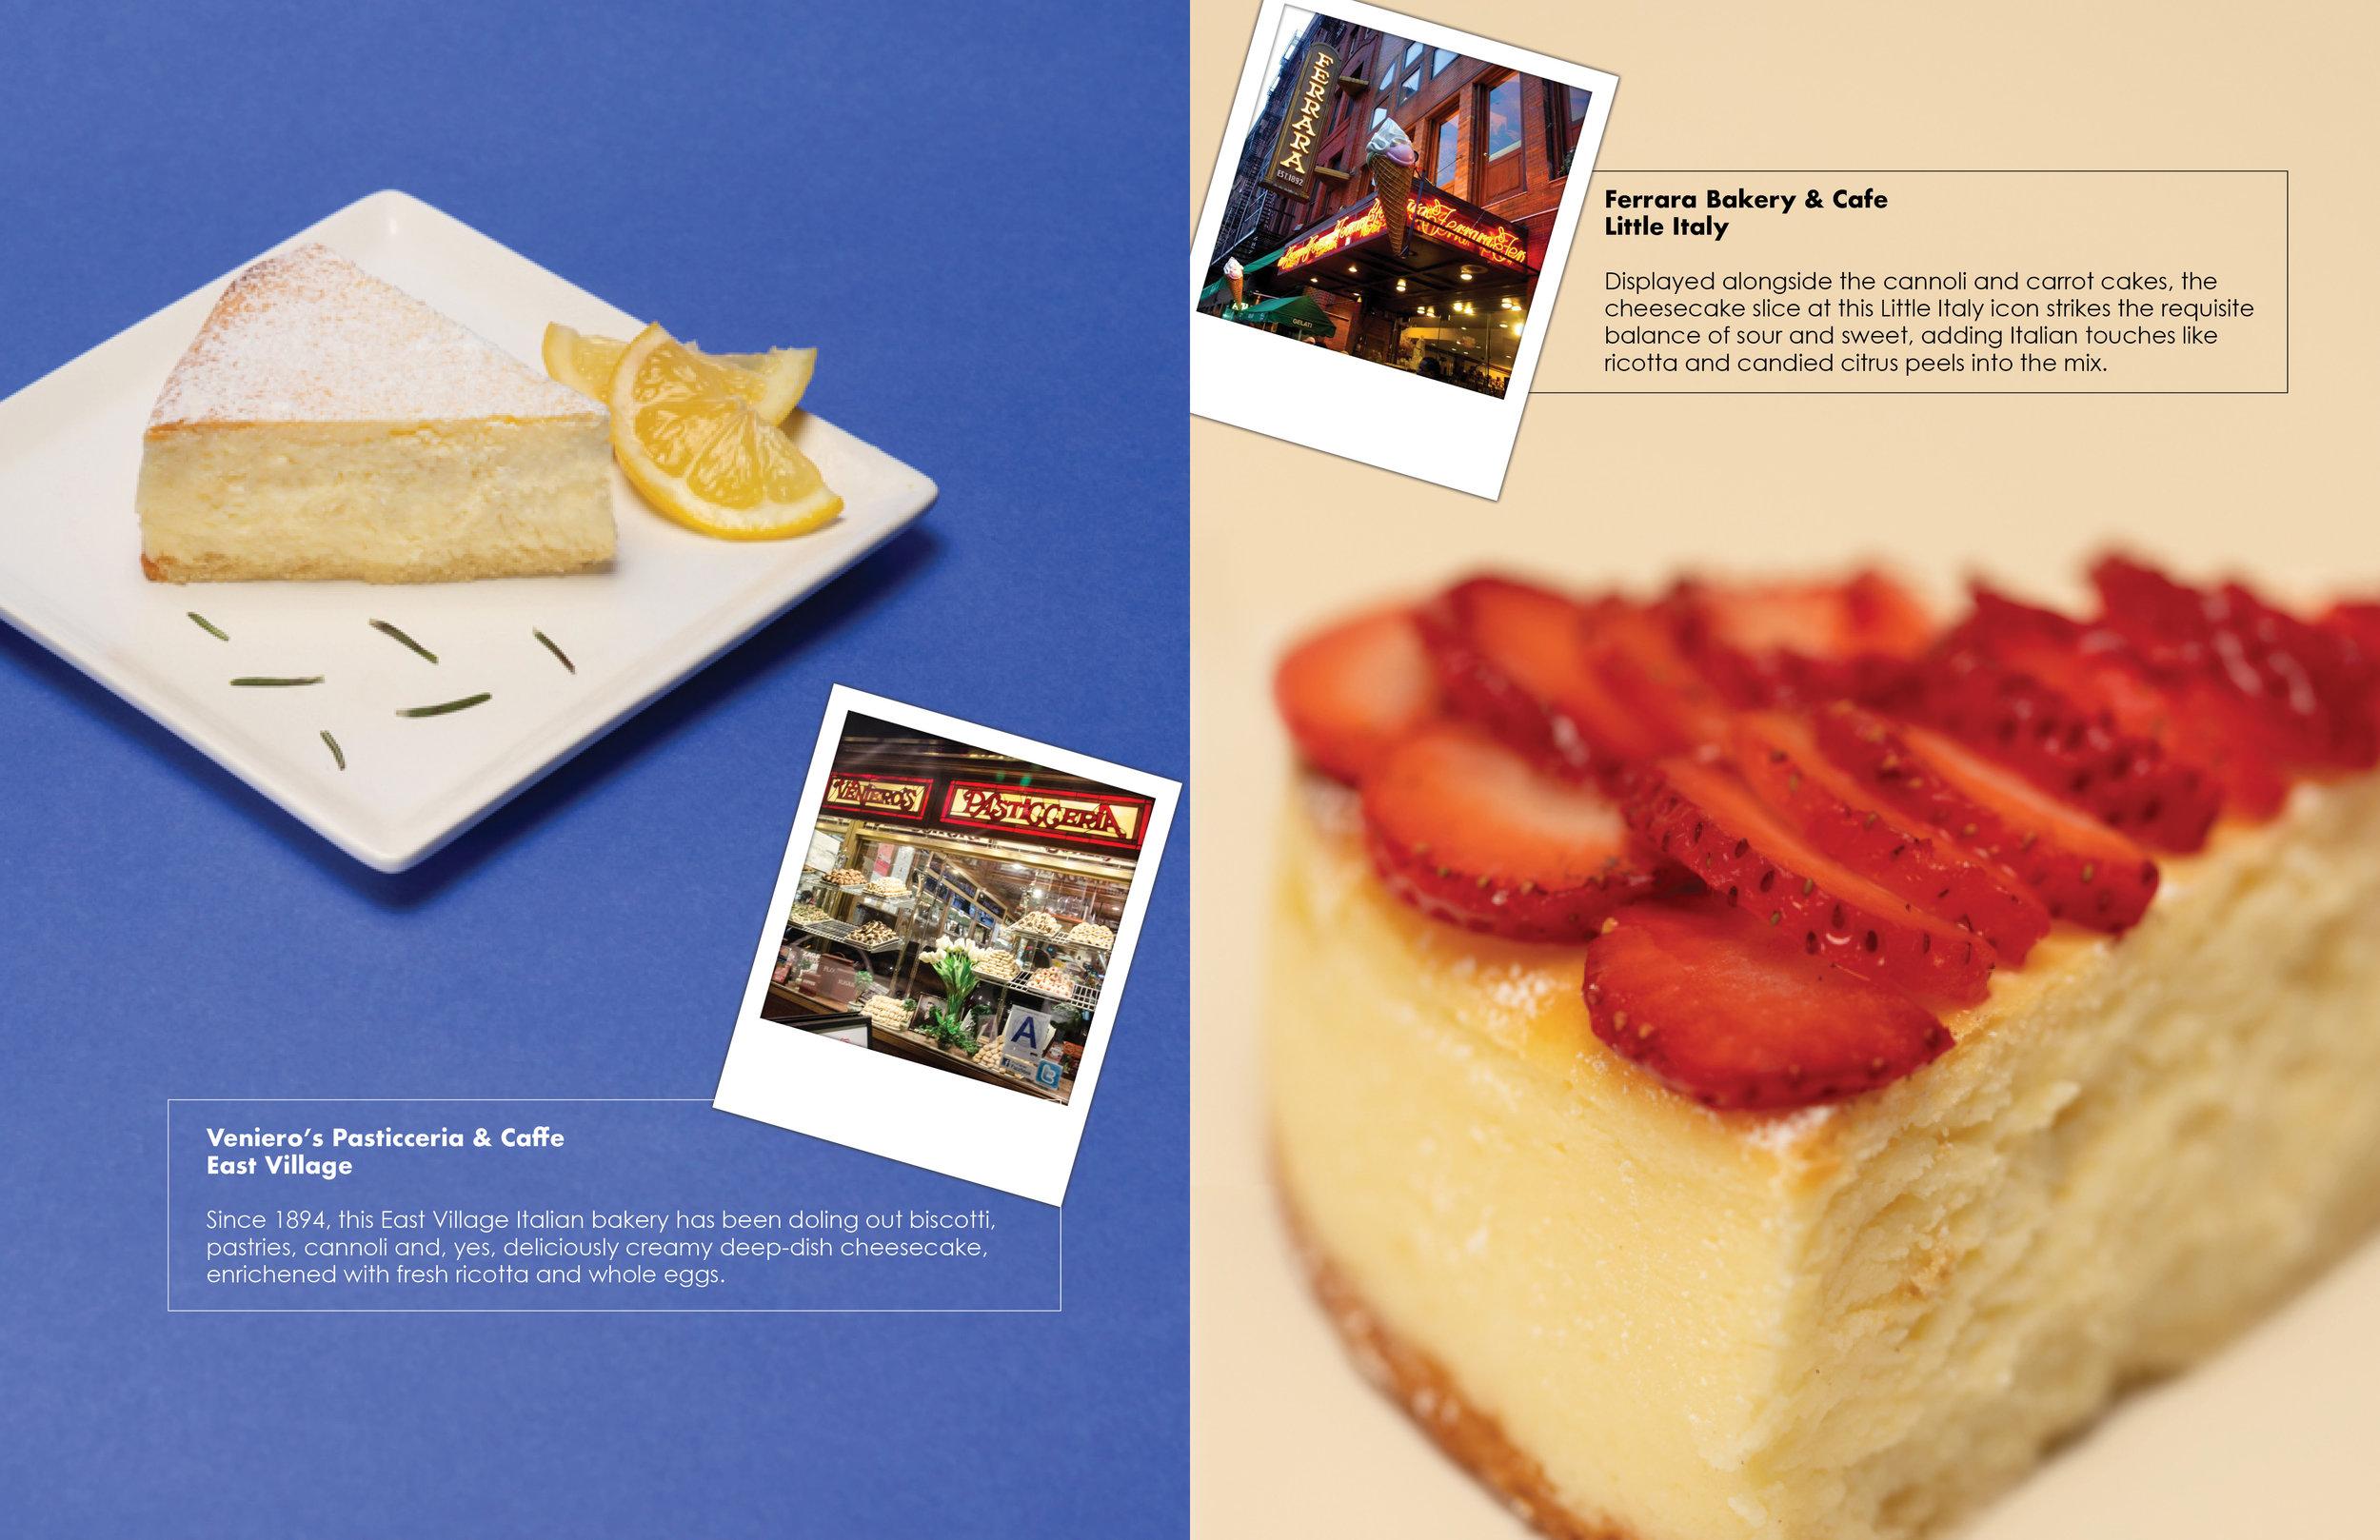 cheesecake magazinea4.jpg